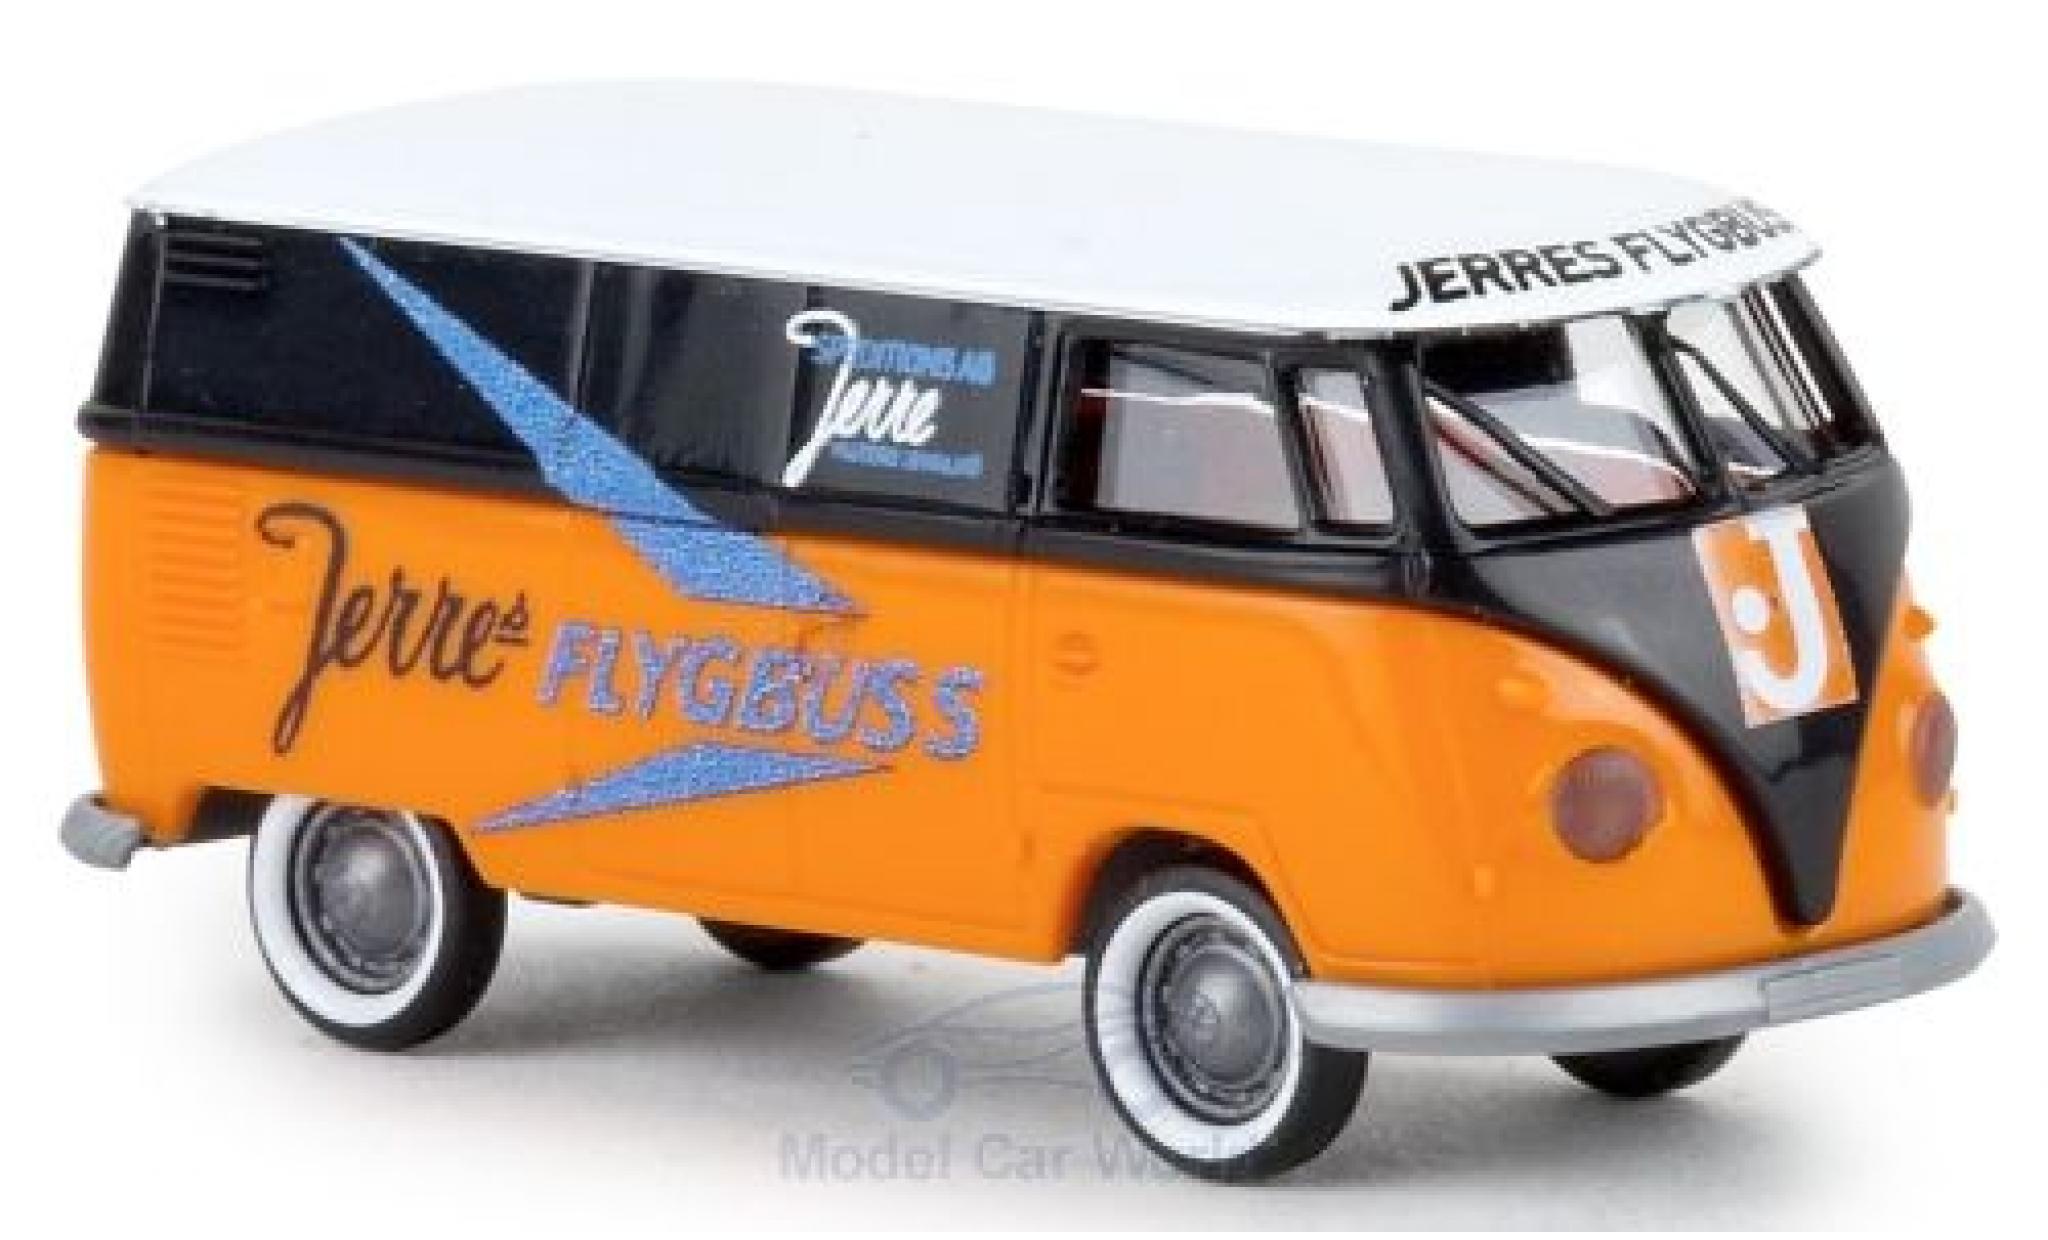 Volkswagen T1 1/87 Brekina b Kasten Jerres Flygbuss